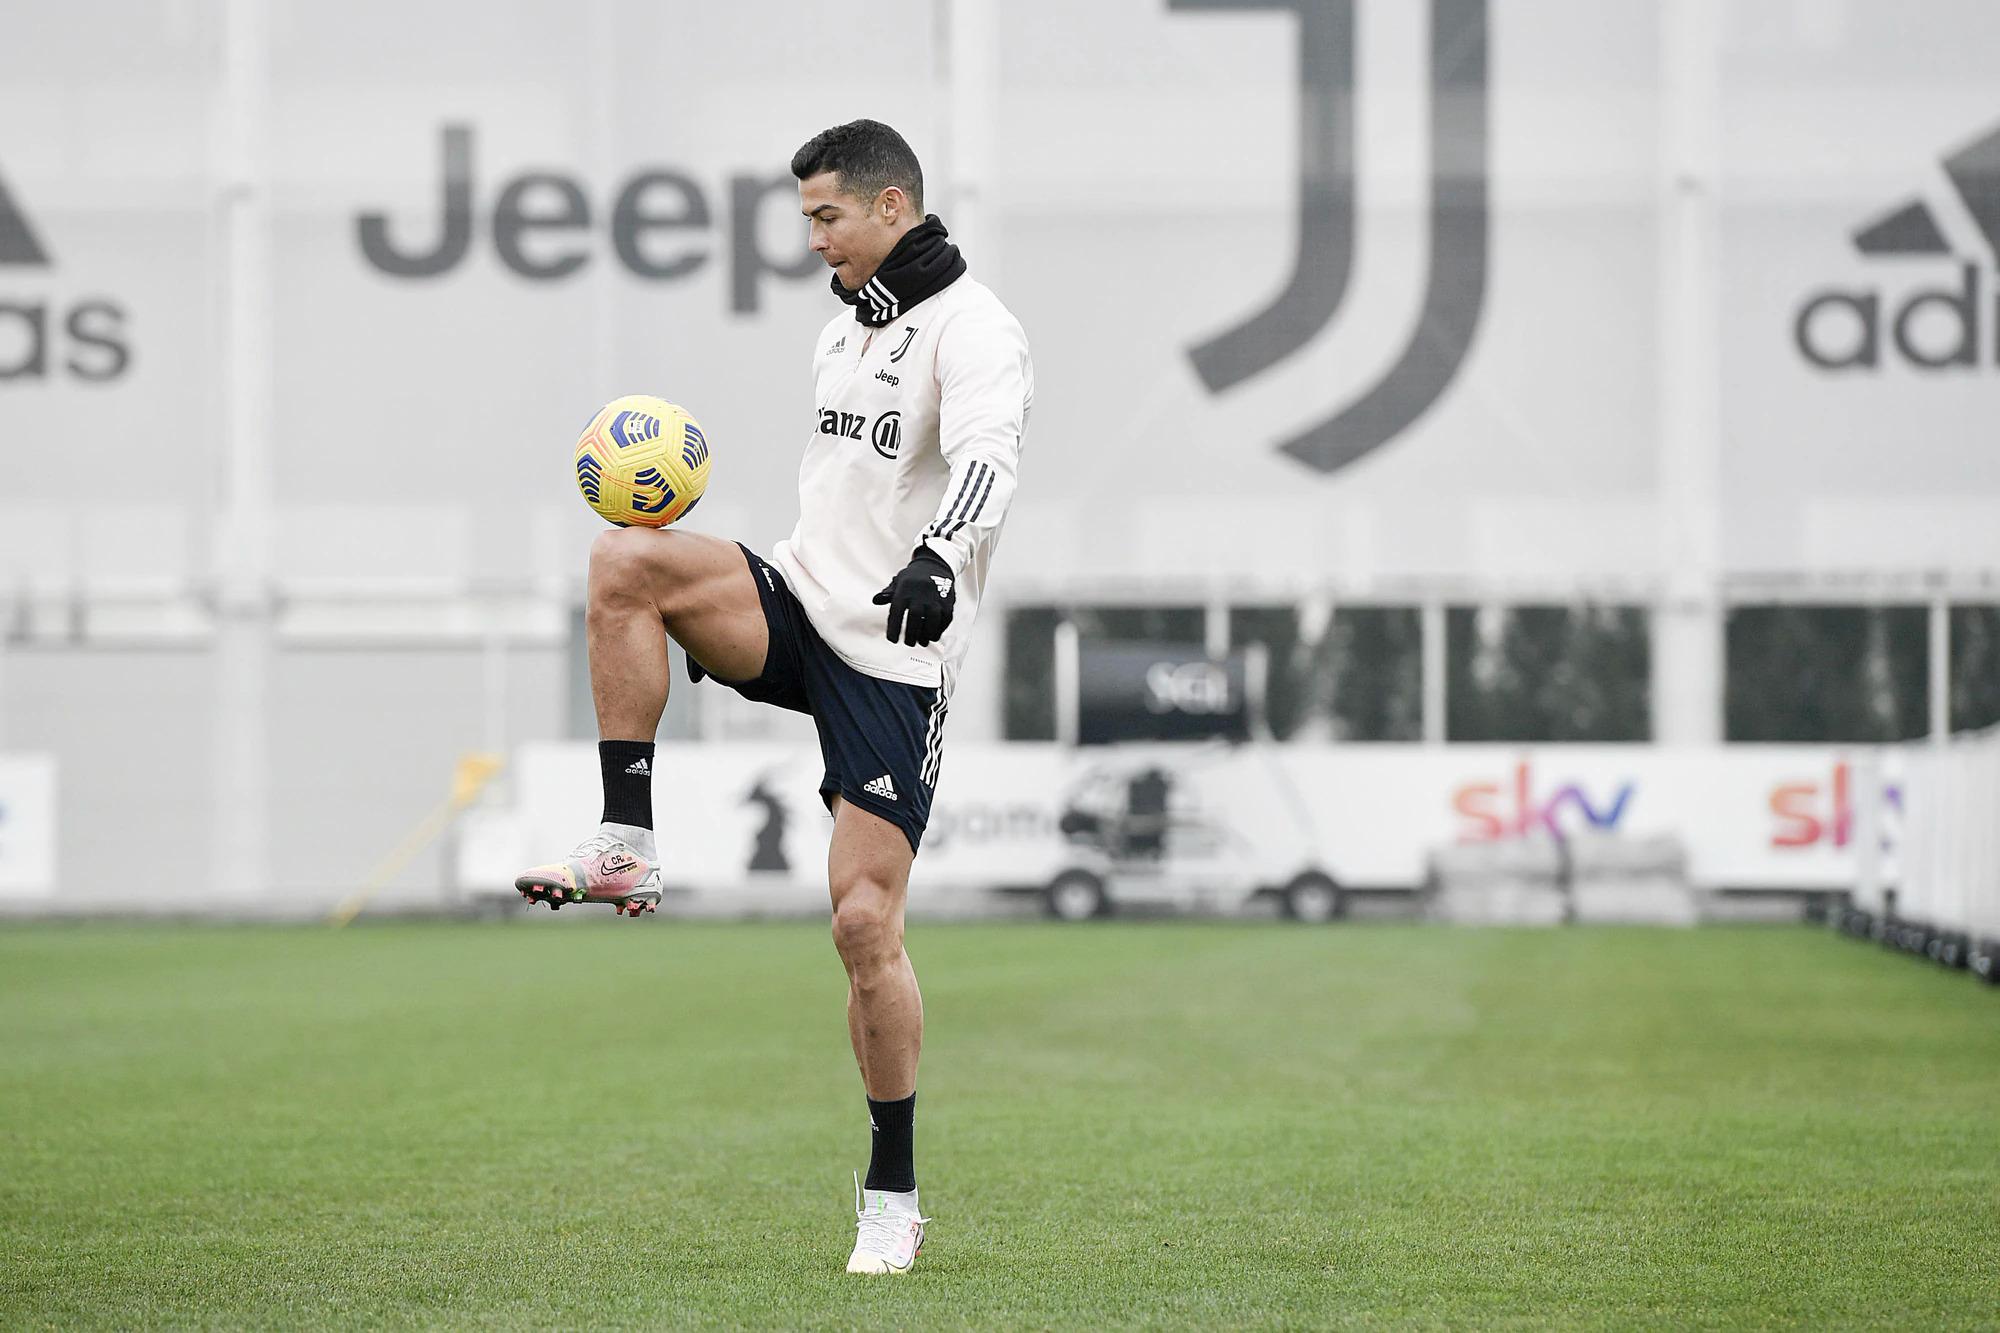 โรนัลโด้ไปที่สนามฝึกซ้อมในช่วงบ่ายวันที่ 5 กุมภาพันธ์เพื่อเข้าร่วมกับยูเวนตุสเพื่อเตรียมพบกับโรม่าในวันที่ 6 กุมภาพันธ์  ภาพ: Juventus FC